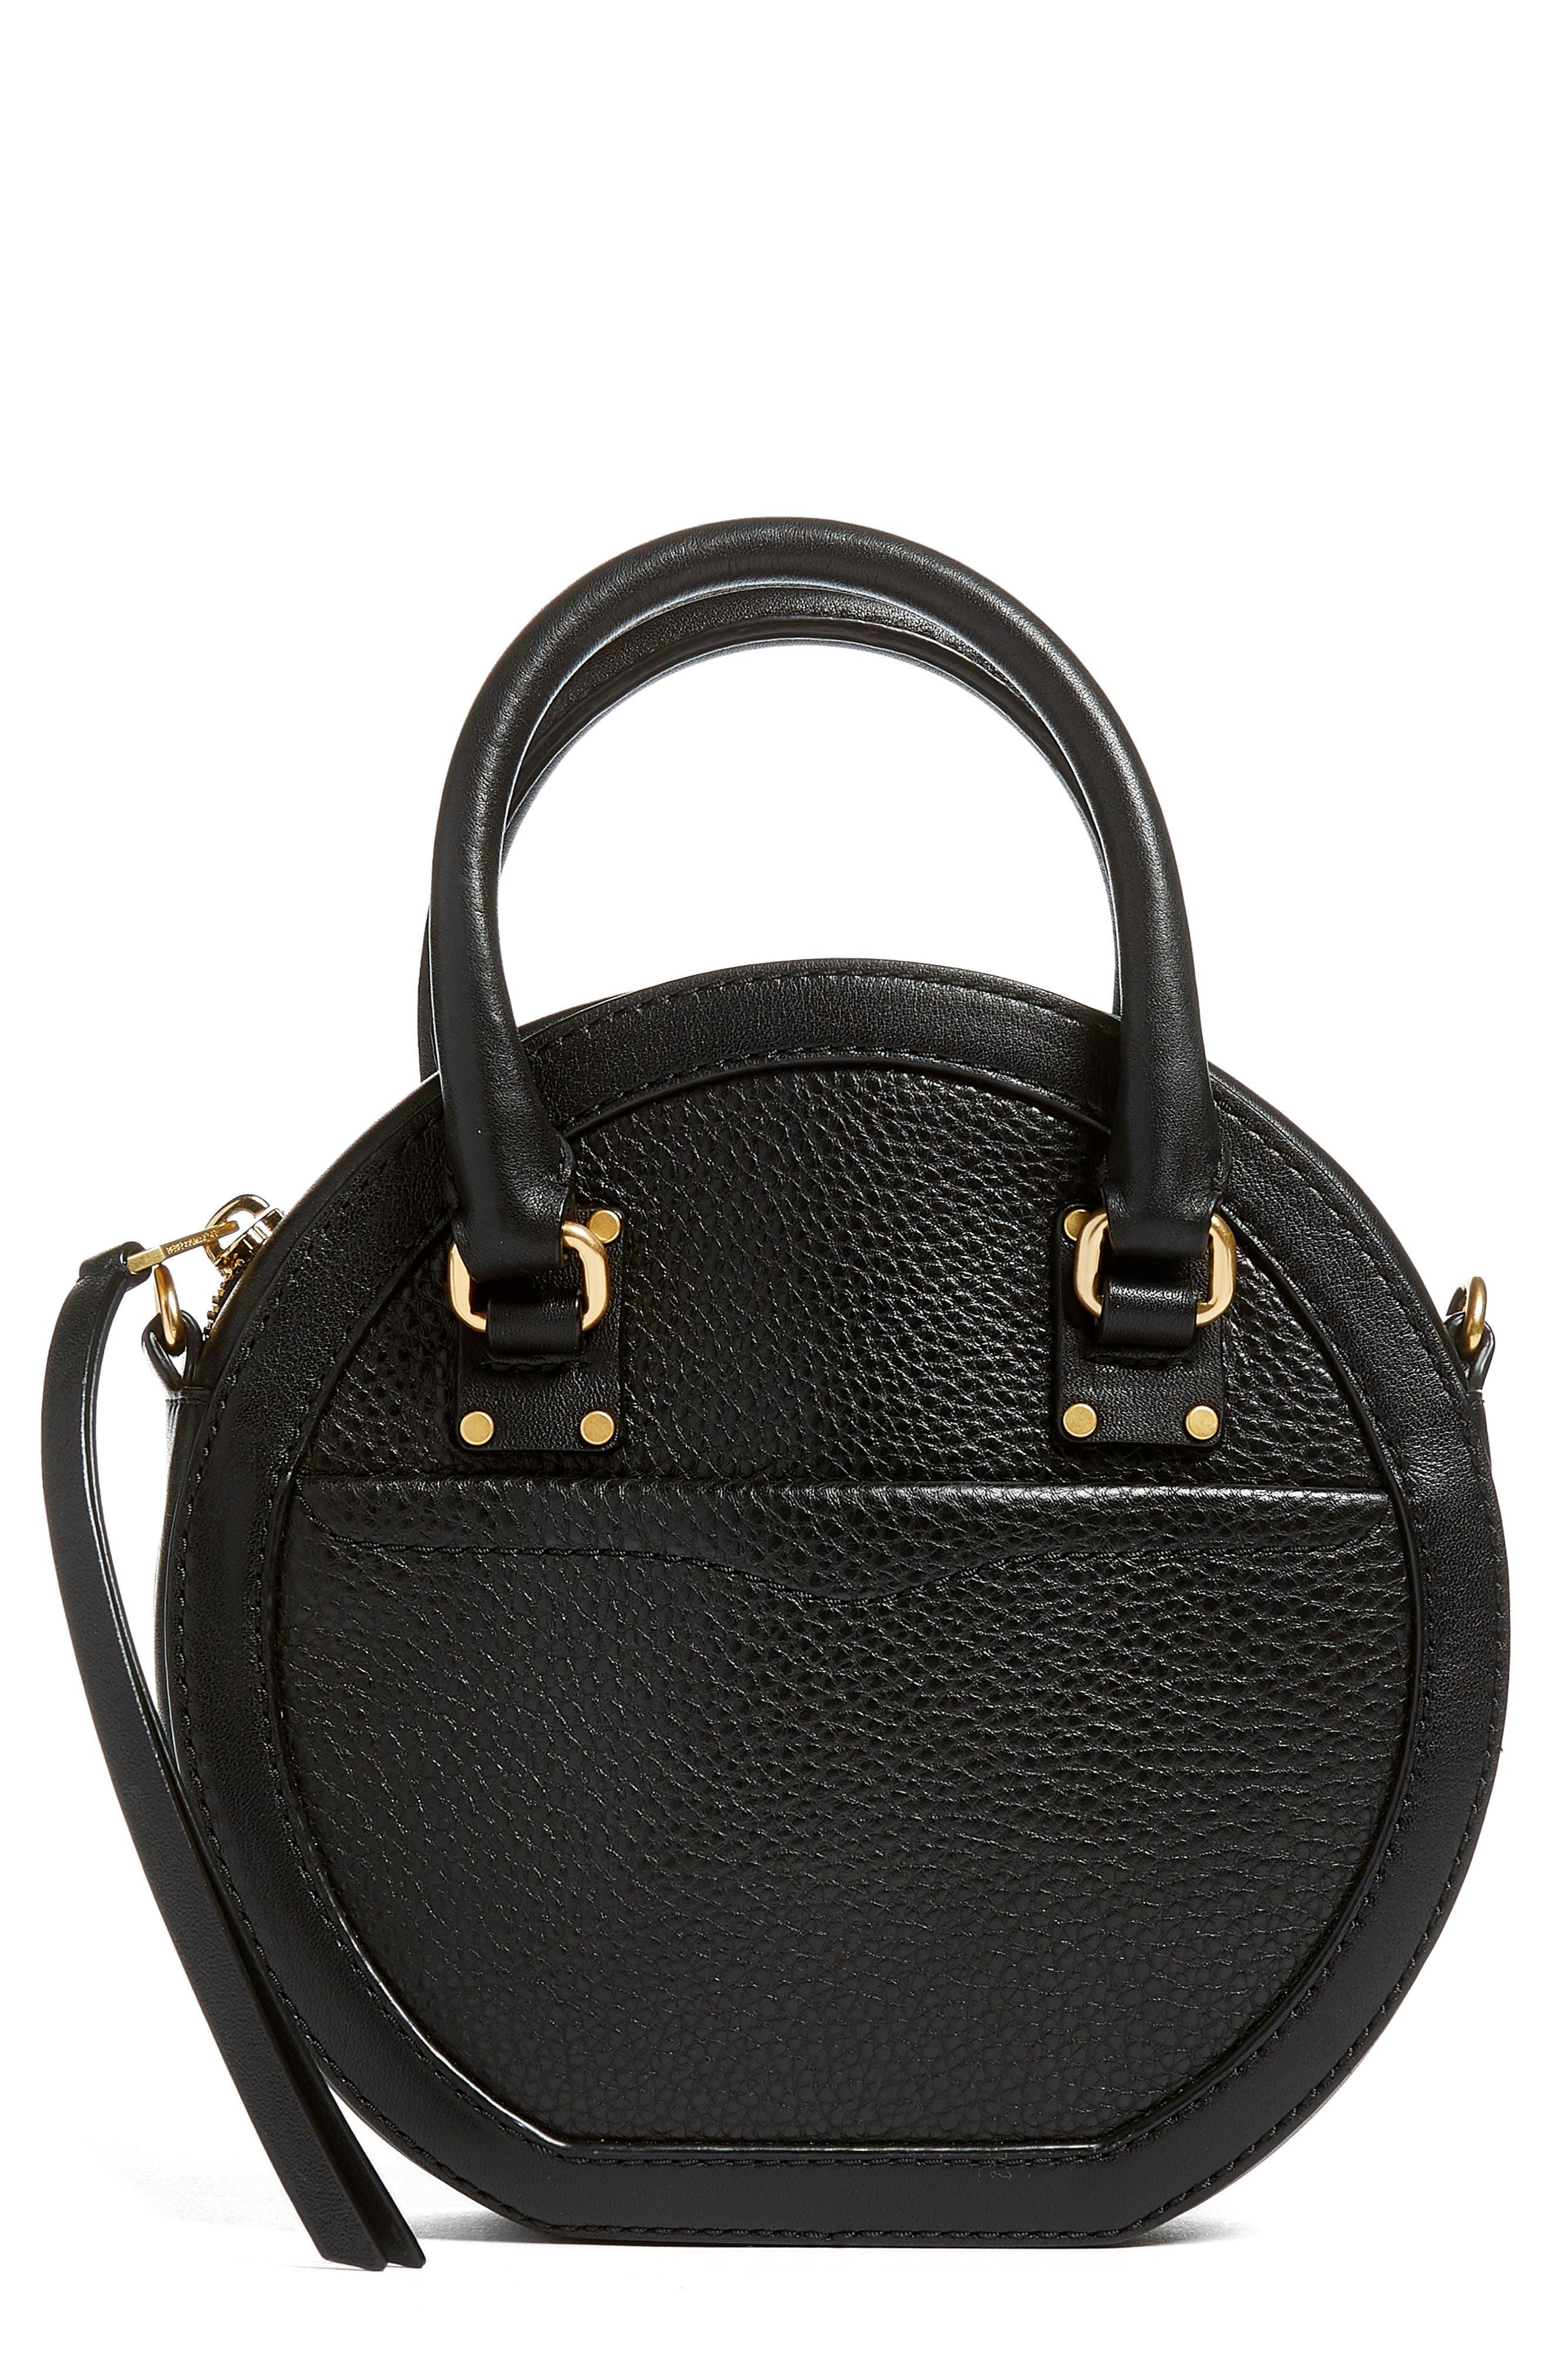 Bree Circle Leather Crossbody Bag,                             Main thumbnail 1, color,                             001